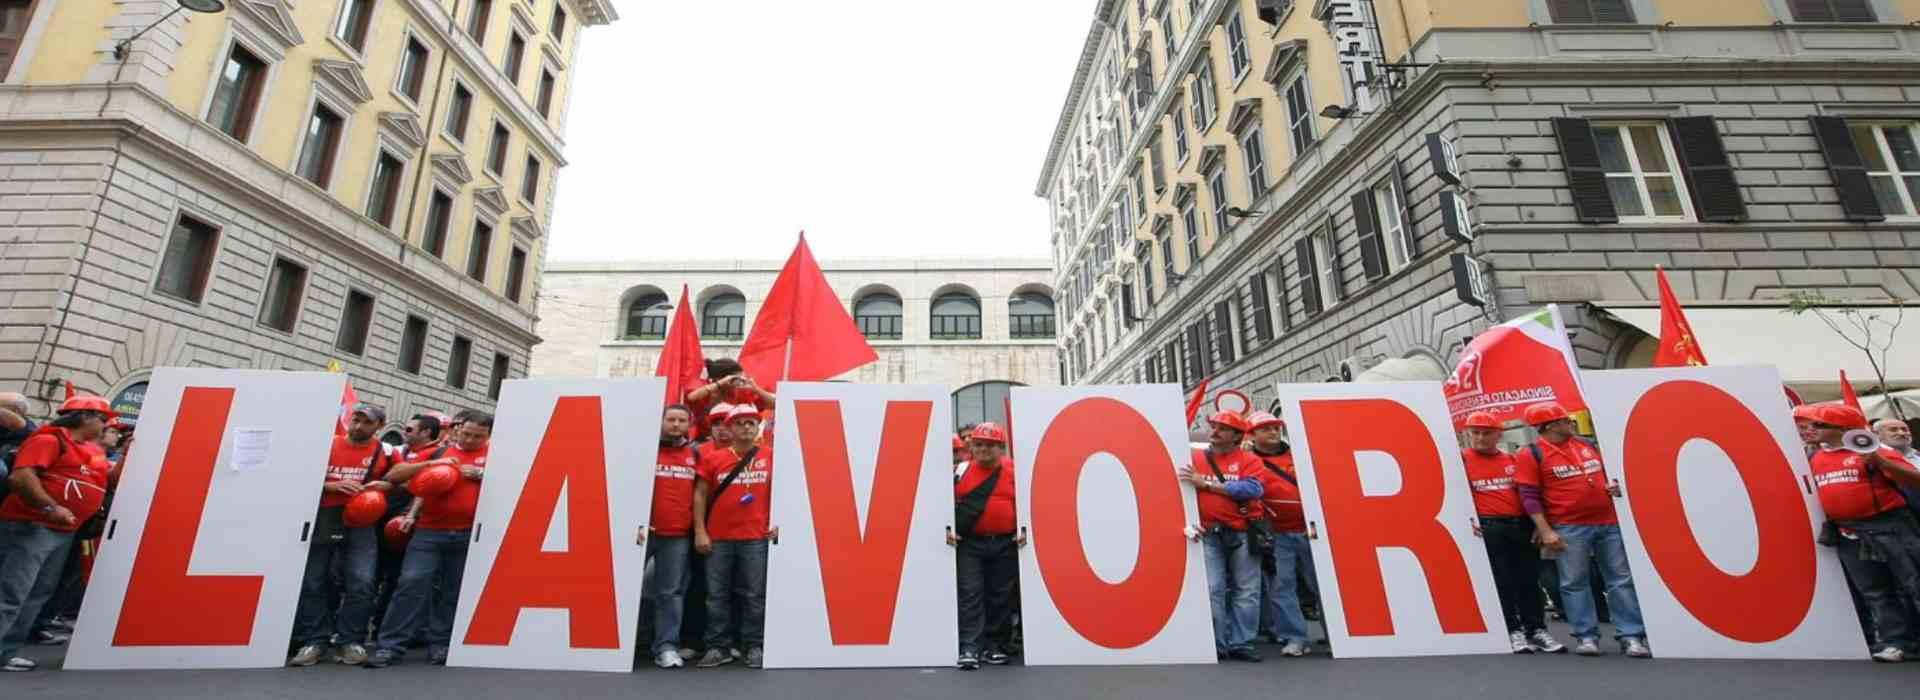 Disastro lavoro, Istat: ad aprile, maggio e giugno persi mezzo milione di posti di lavoro